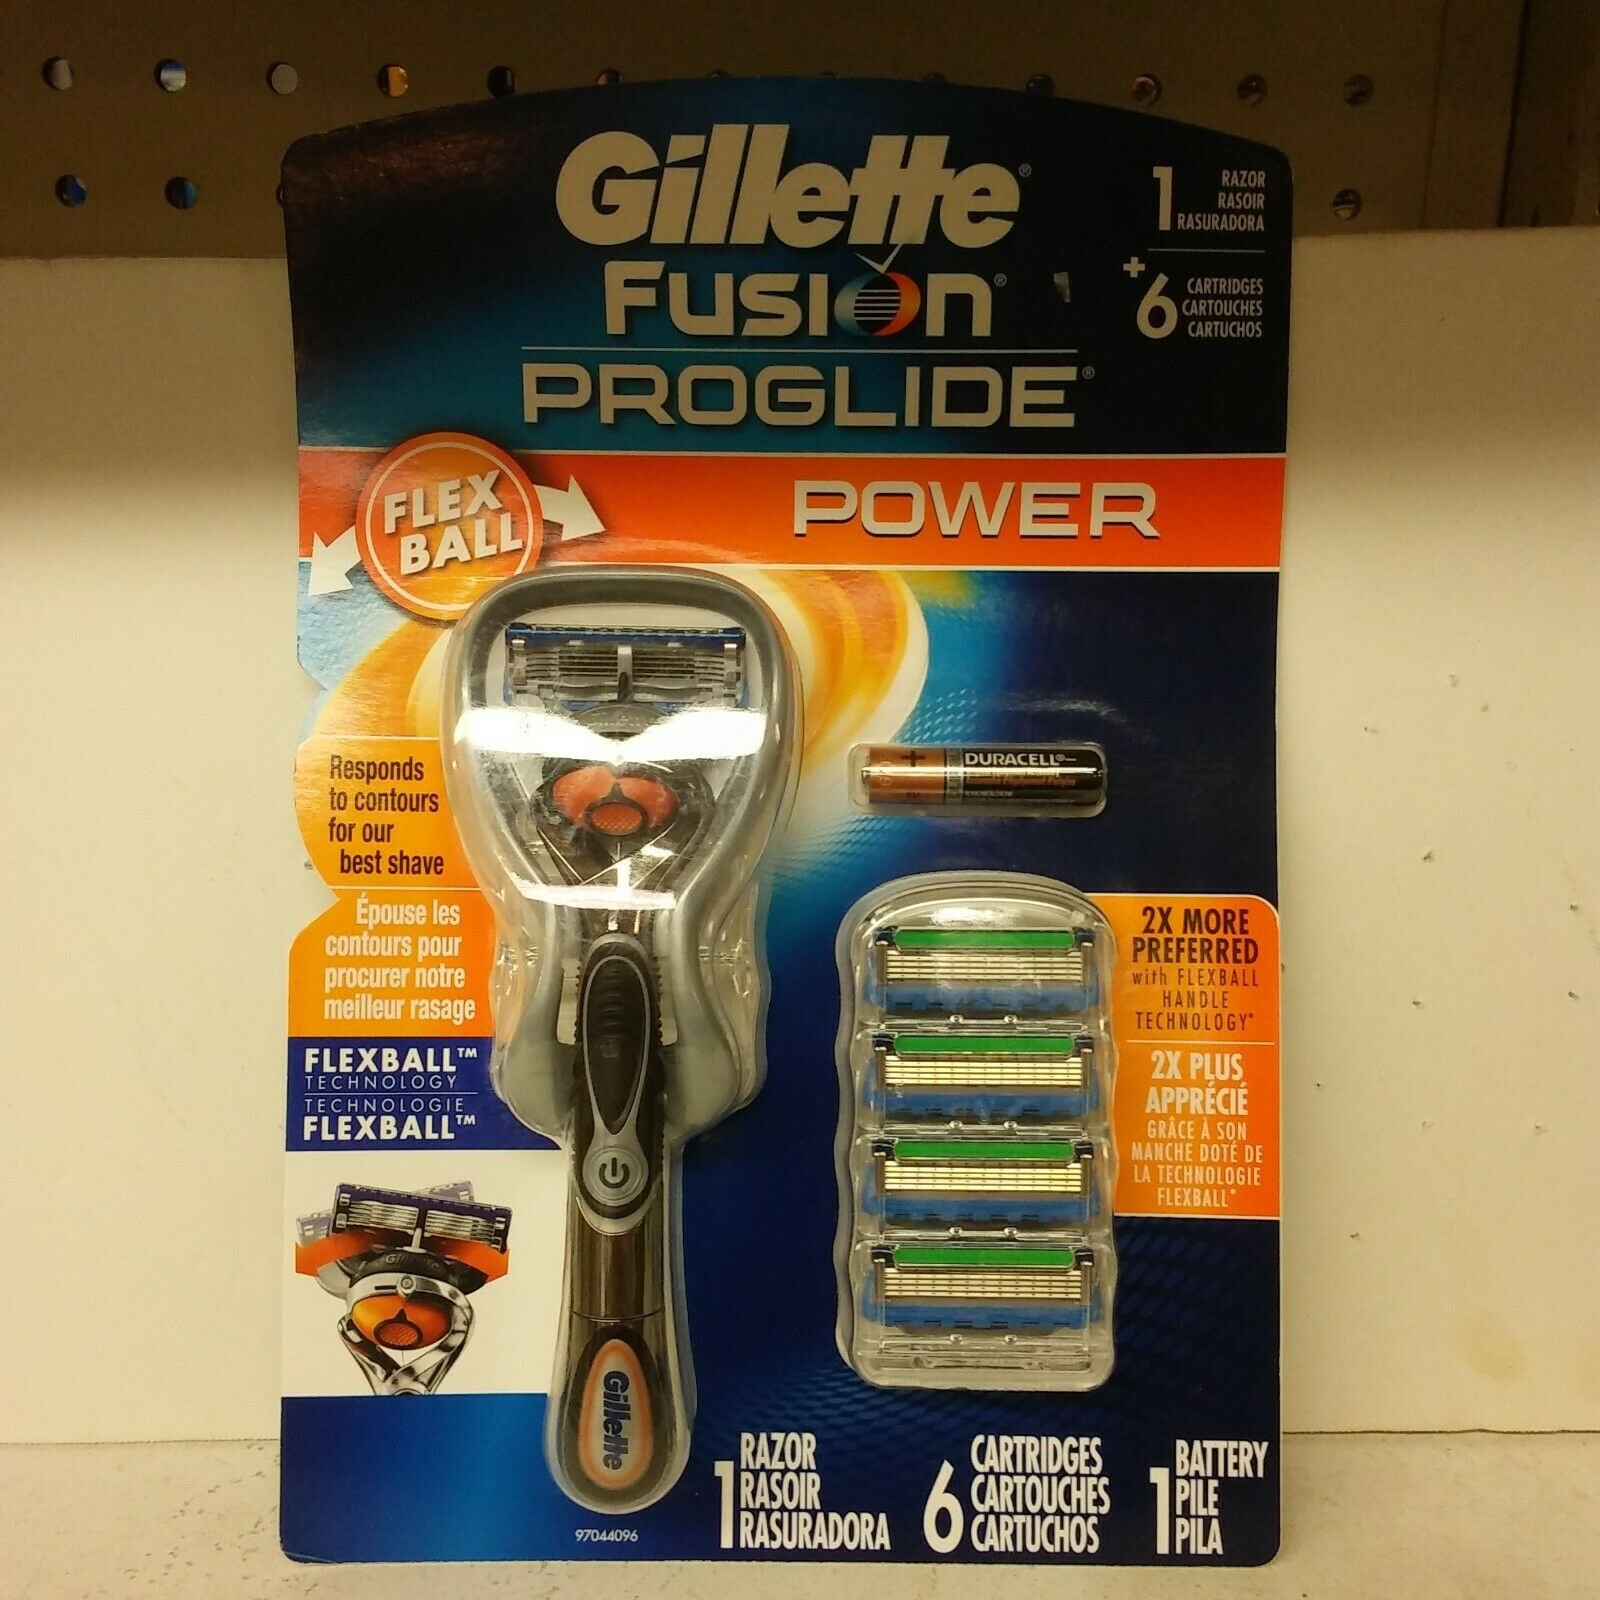 6 gillette fusion proglide power flexball razor